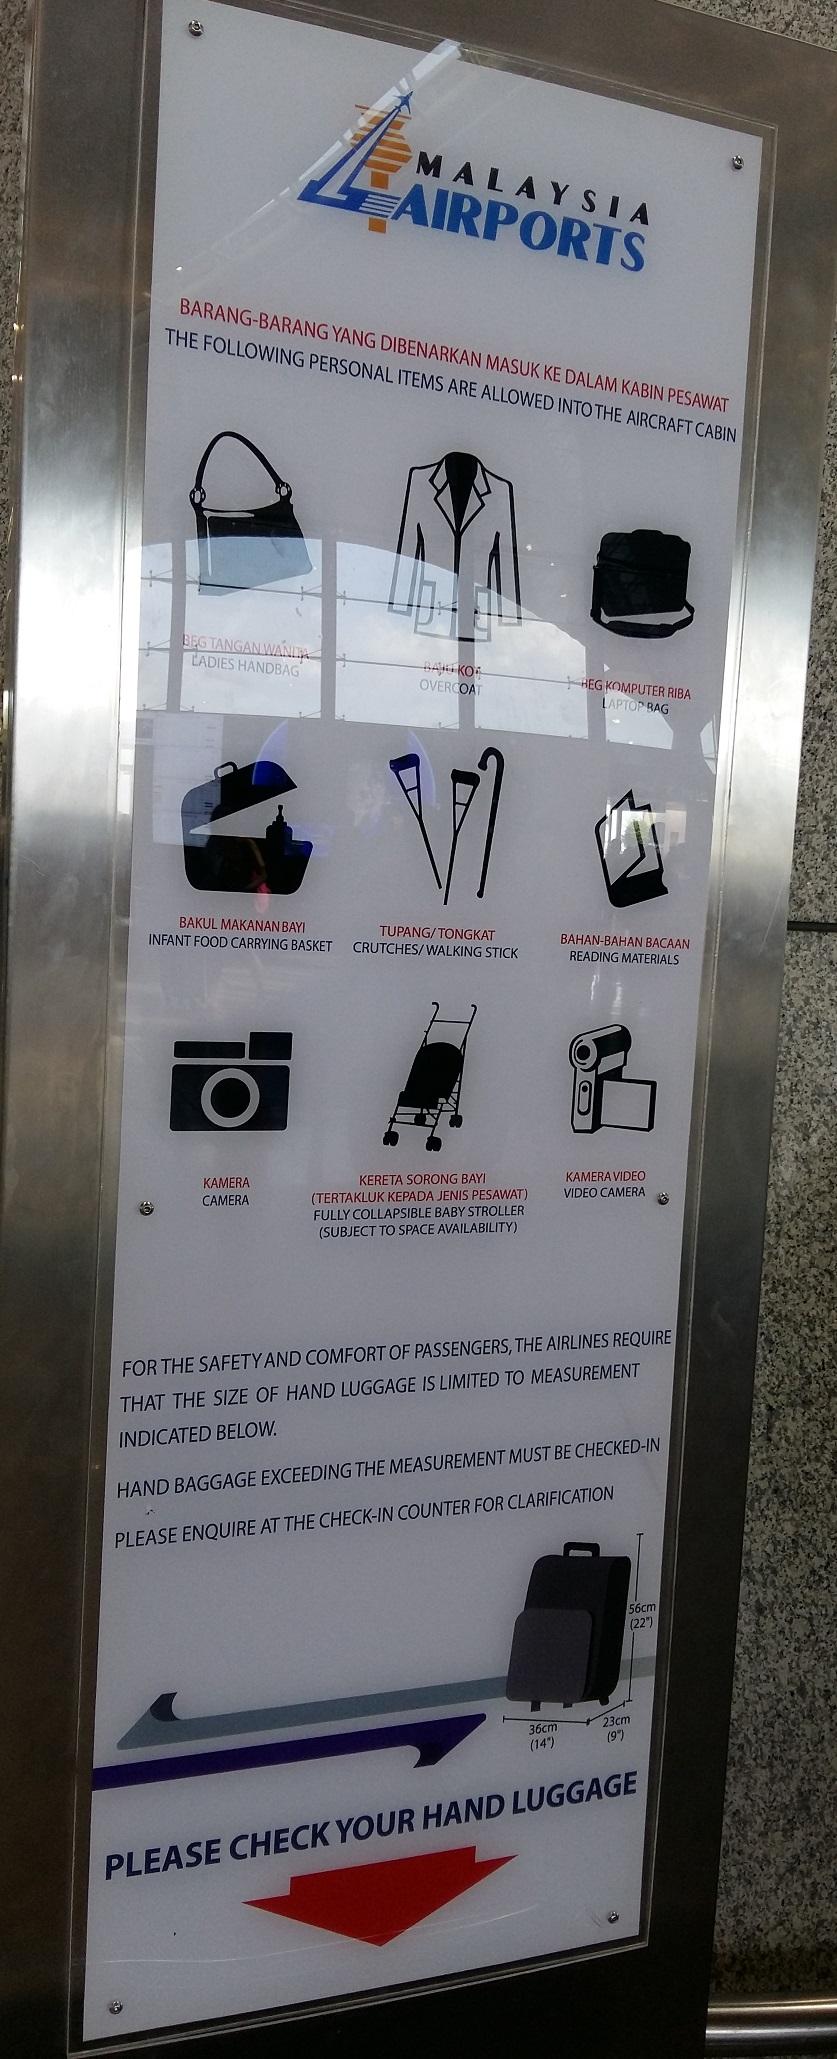 KLIA airport handcarry